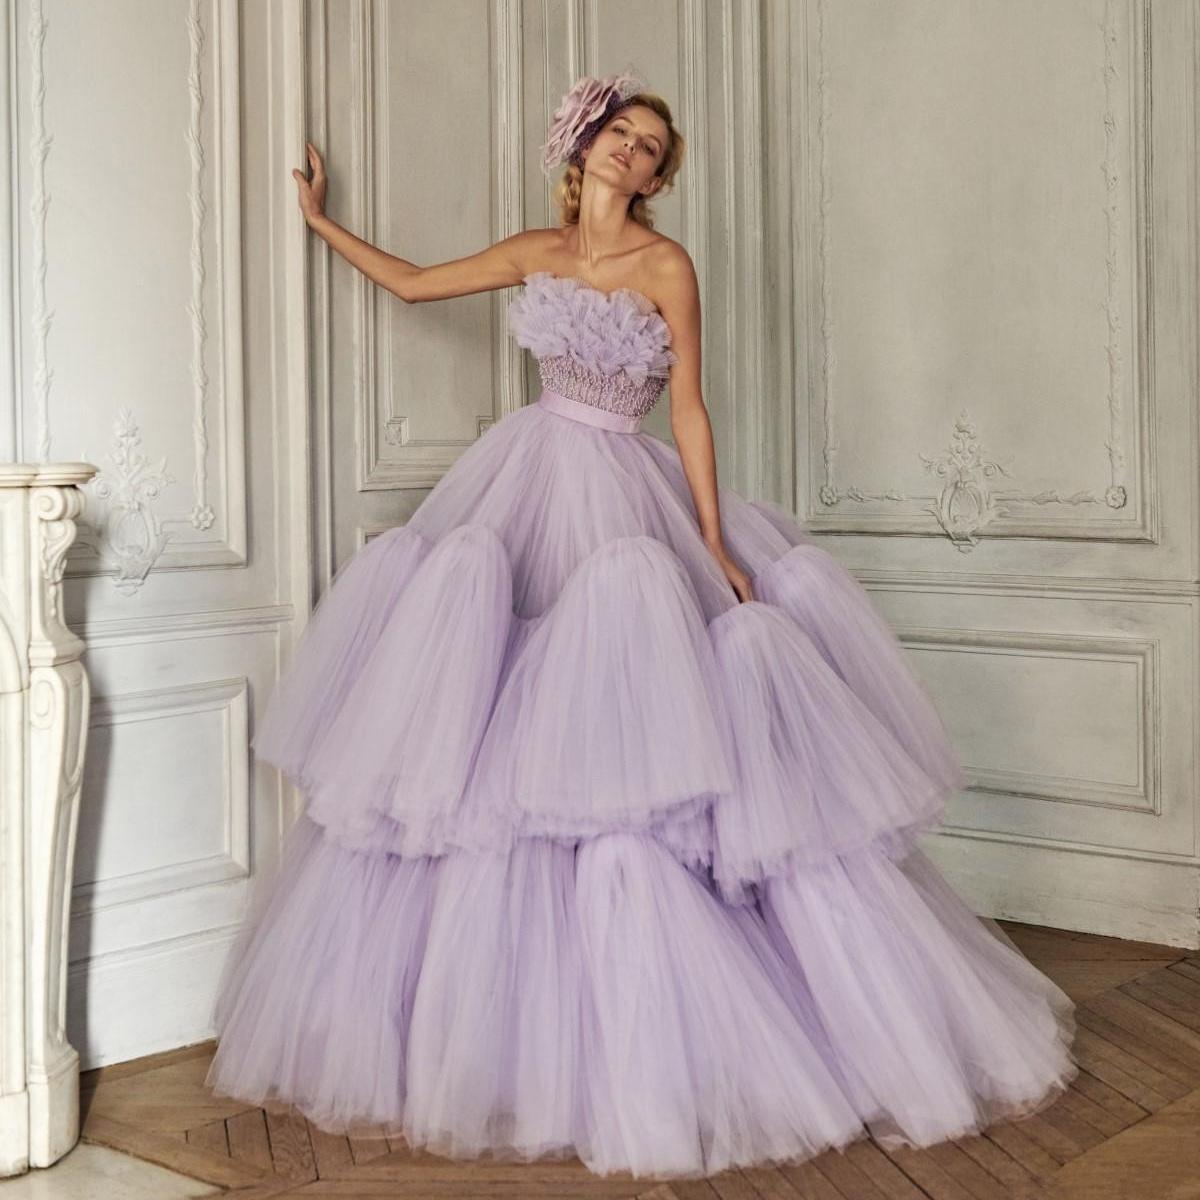 2021 lavanda sin tirantes de vestidos de baile de volantes de tul con gradas del piso-longitud elegante de los vestidos de noche por encargo Vestidos Longo